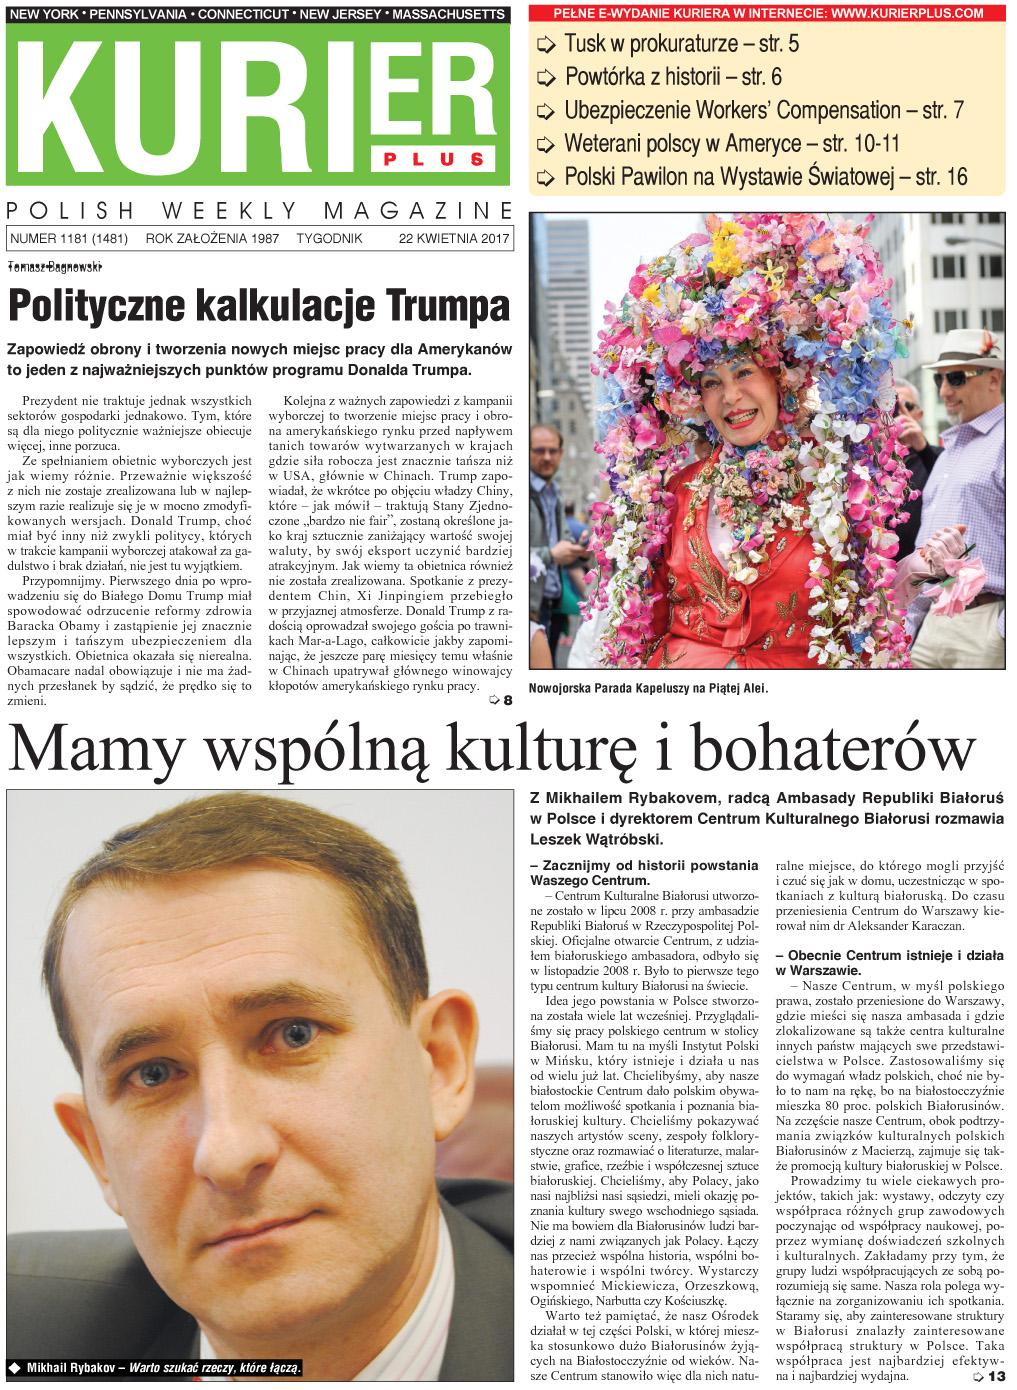 Kurier Plus - e-wydanie 22 kwietnia 2017